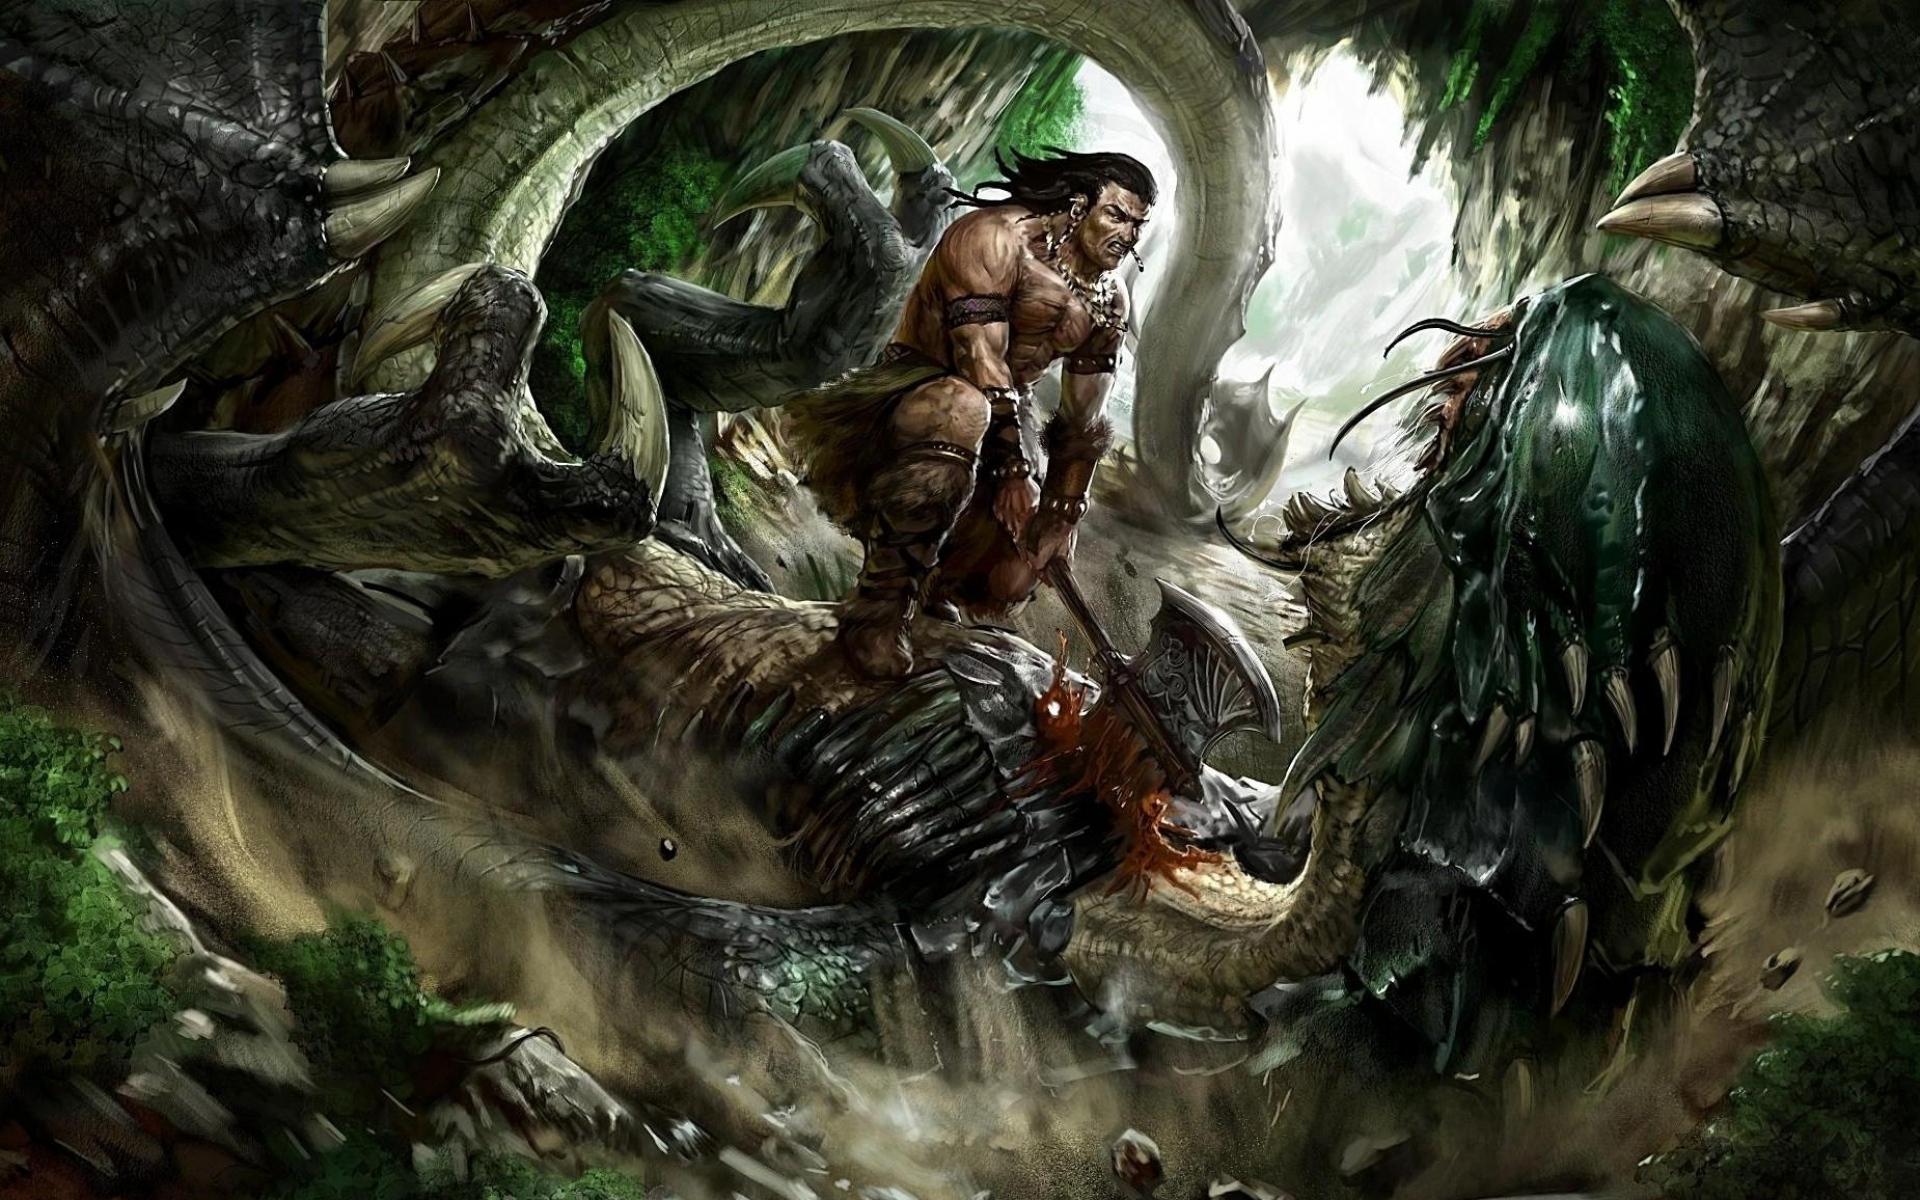 Фото дракона с людьми